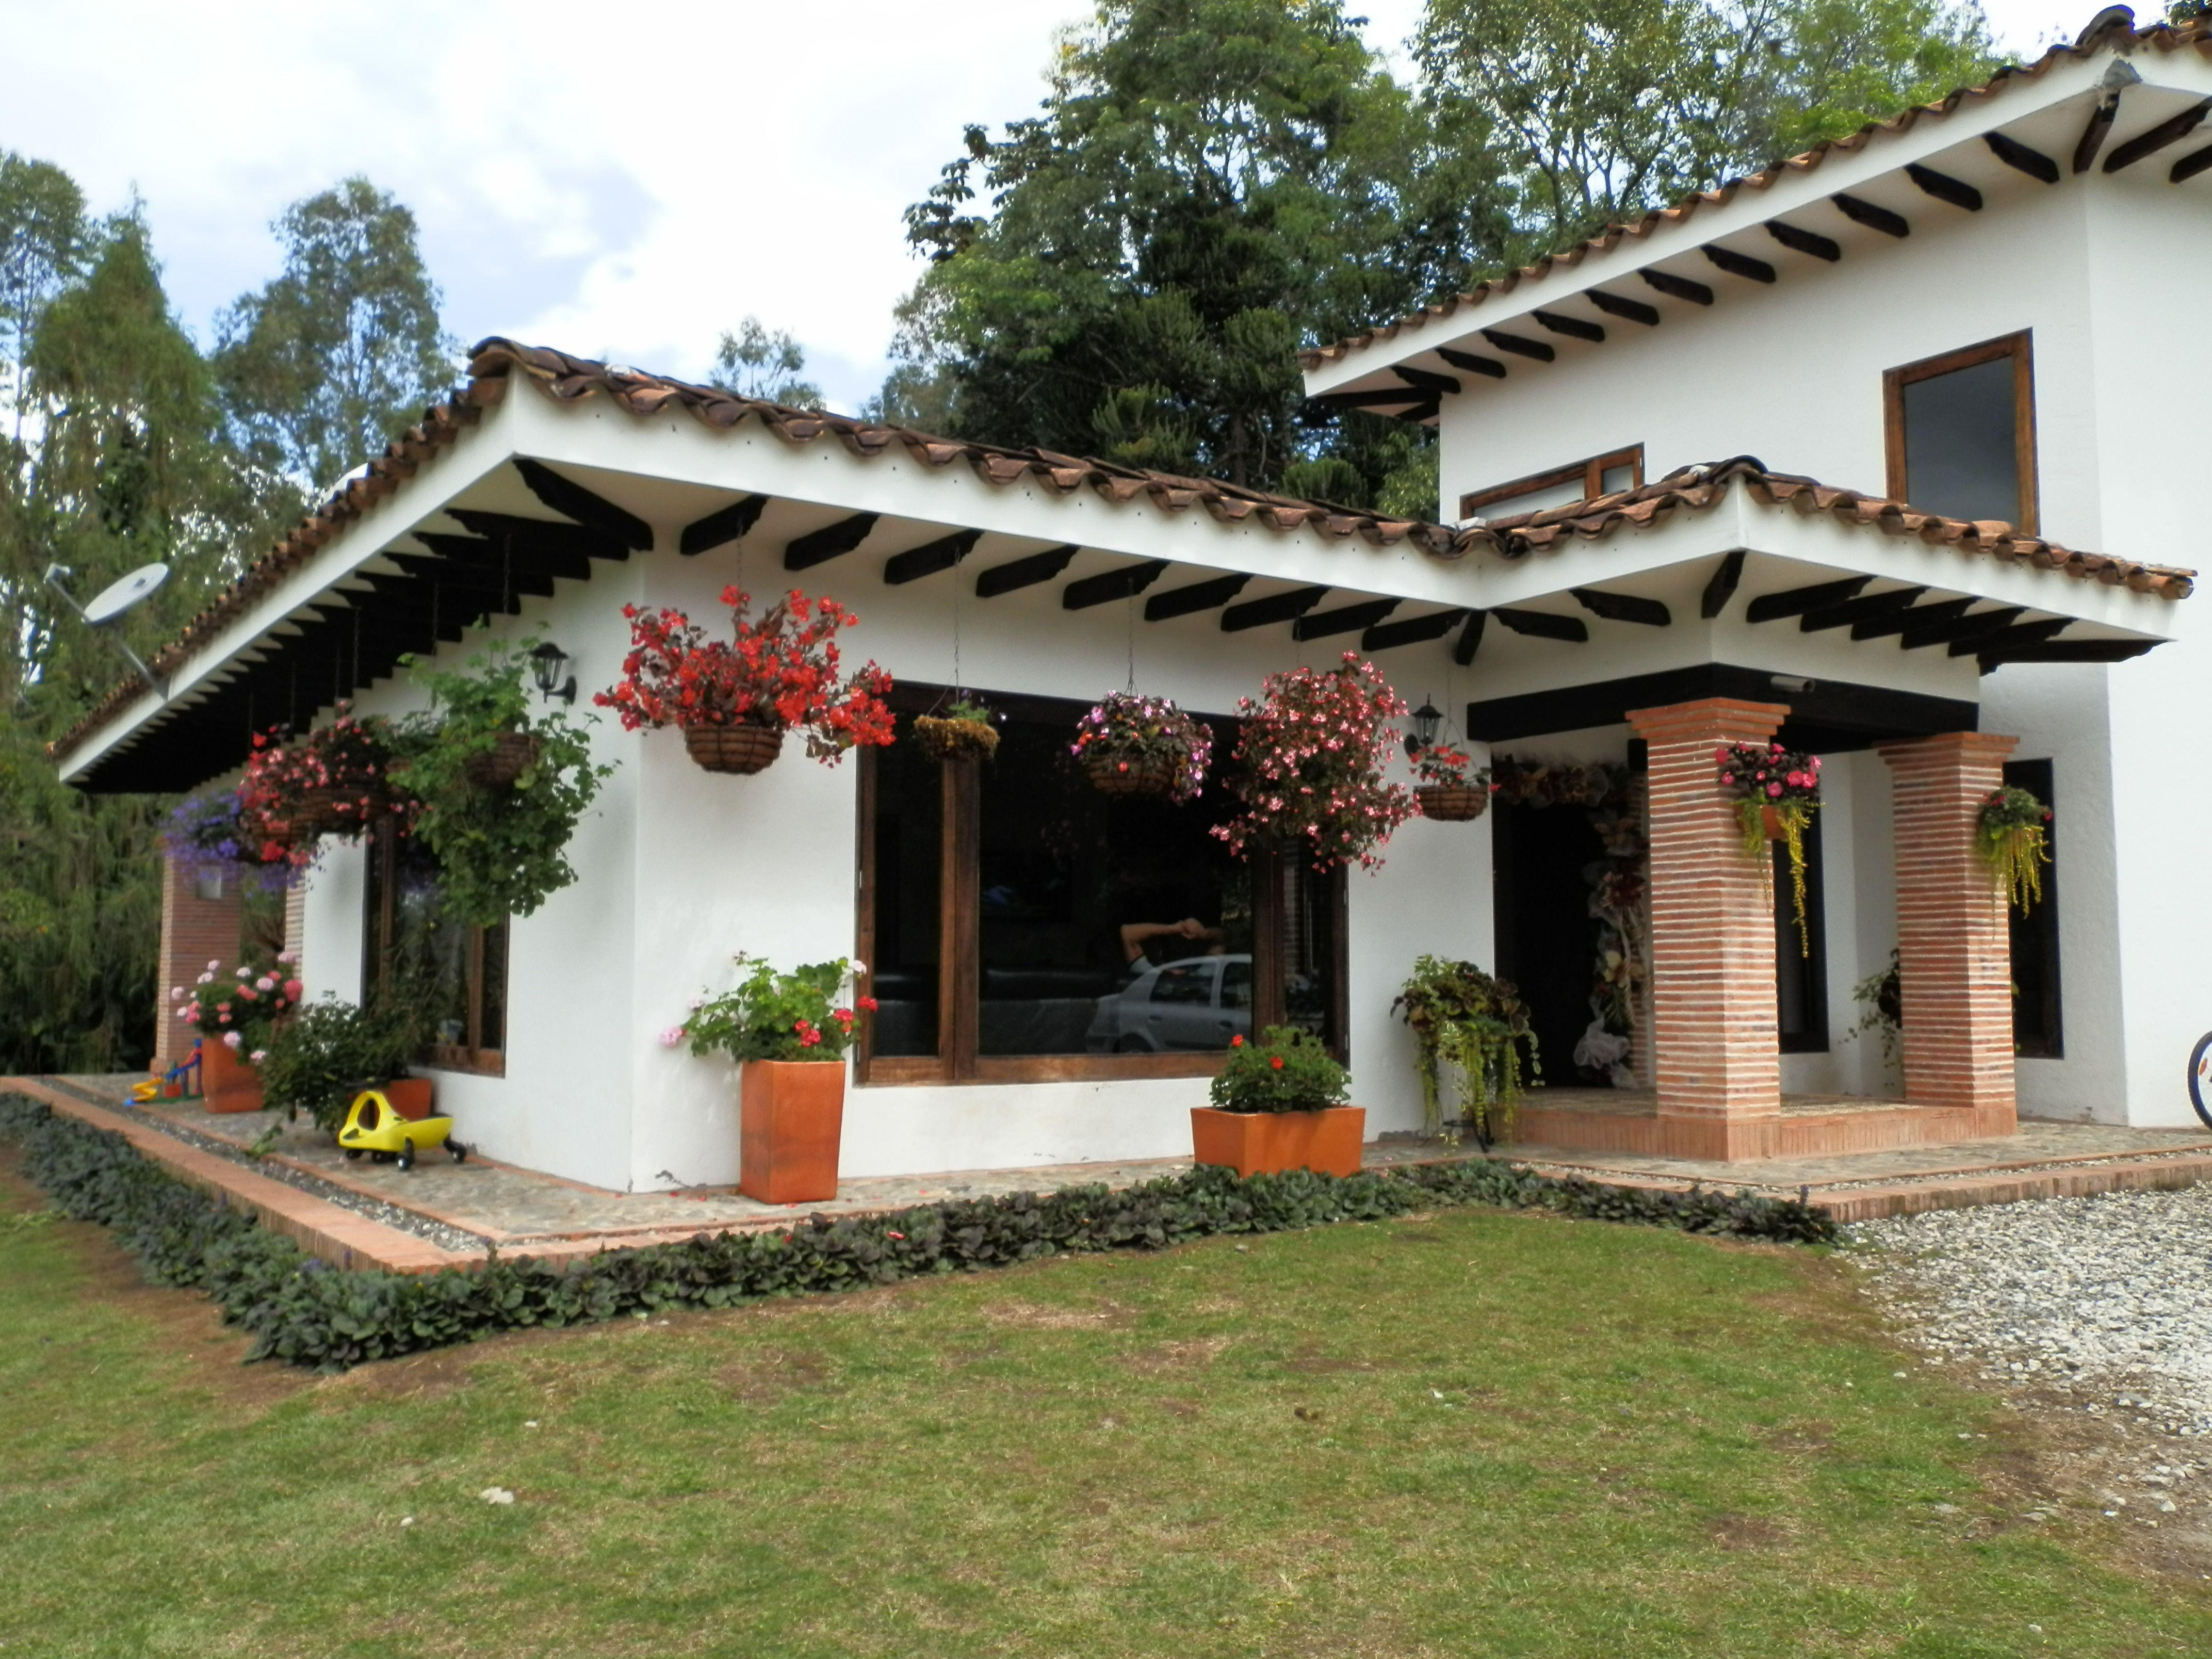 Fachadas de casas rusticas sencillas for Fachadas de casas rusticas sencillas